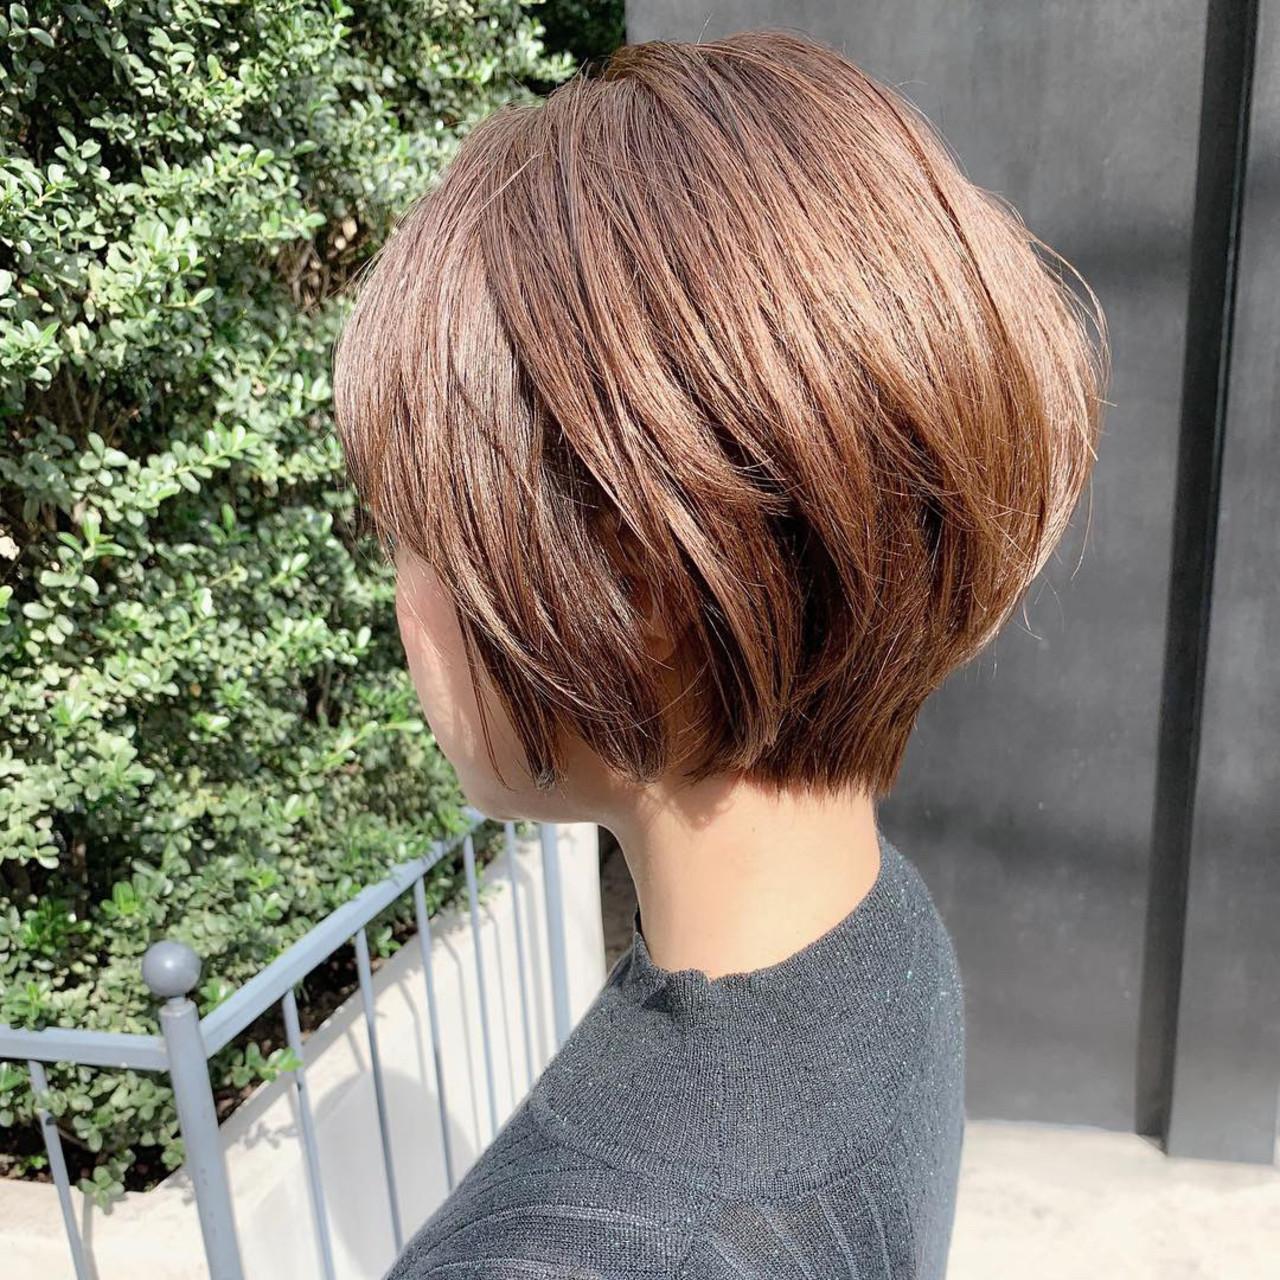 【前髪あり】⭐️丸みショートボブ❣️#トンショート  ・ 形が綺麗、小顔に見える(サイドシルエット、バックシルエットにもこだわりがあります✨) ・ 乾かしただけでまとまり、形になるショートヘアです☺️ ・  ・ ご覧頂きありがとうございます? Ramie omotesando でスタイリストをやらせていただいてます山内大成です!✨ (表参道駅から徒歩10秒?です!) ・ hair.make(@garden_tonsoku) ヘアだけでなくメイクアップもしているからこそトータルビューティーの目線でスタイルを作ります?☺️ ・ ⭐️【ショートヘア】【パーマ】支持率日本一⭐️ ・ ❣️独自のパーマ技術【#2wayパーマ 】により自然な柔らかストレートで楽しむのもあり、コテで巻いたゆるふわスタイルでも楽しめます? これでコテもストレートアイロンもしなくても大丈夫?♂️✨ ・ ******************* ・ 収まりが良く、簡単にスタイリングできる、乾かしただけでふわっとかわいい質感、束感が自然にできるヘアスタイル☺︎✂︎ ・ 一人一人に似合ったスタイルを提案できますように丁寧にカウンセリング、施術、仕上げをき 今まで叶わなかったヘアスタイルを提案、実現できるように全力で頑張ります(^-^)/ ・ ******************* ・ ・ ・ *毛量が多い *癖で広がる *収まりが悪い *小顔になりたい *美容院に迷ってる *スタイリングが難しい バッサリカットも気軽にご予約ご相談ください❣️ ・ 【⭐️インスタフォローしてご提示ください⭐️】 ・ ・ ・ ○○○ ご予約方法 ○○○ ネットでのご予約が大変取りづらくなっております‼️ 【 × 】しかない場合はお電話(☎️0357754300) インスタからダイレクトメール?も可能です! ○○○○○○○○○○○○ ・ ・ ⏰ご予約可能営業時間⏰ ・ 火・水 11:00 ~ 20:30 木・金 11:30 ~ 21:00  土・日 10:00 ~ 19:00  祝 日 10:00 ~ 19:00  月曜日 定休 ・ ・ GARDEN Ramie omotesando  東京都港区南青山3-18-11 ヴァンセットビル4F tel. 03-5775-4300 http://ramie-hair.jp/   ・ ・ ・ #iPhone美容師#ショートボブの匠#ミディアムヘア も得意 好きなのは #ロングヘア#オイルセット#サイドシルエット#辺見えみり#小顔#グレージュ#lala_hair#ハンサムショート#比留川游#前髪あり#ヘアスタイル#ショートカット#ブルージュ#ボブ#前下がり #ショート#ショートヘア#ショートボブ#gu#snidel #코디#เสื้อผ้าแฟชั่น#時尚#前髪カット#短发#髪質改善